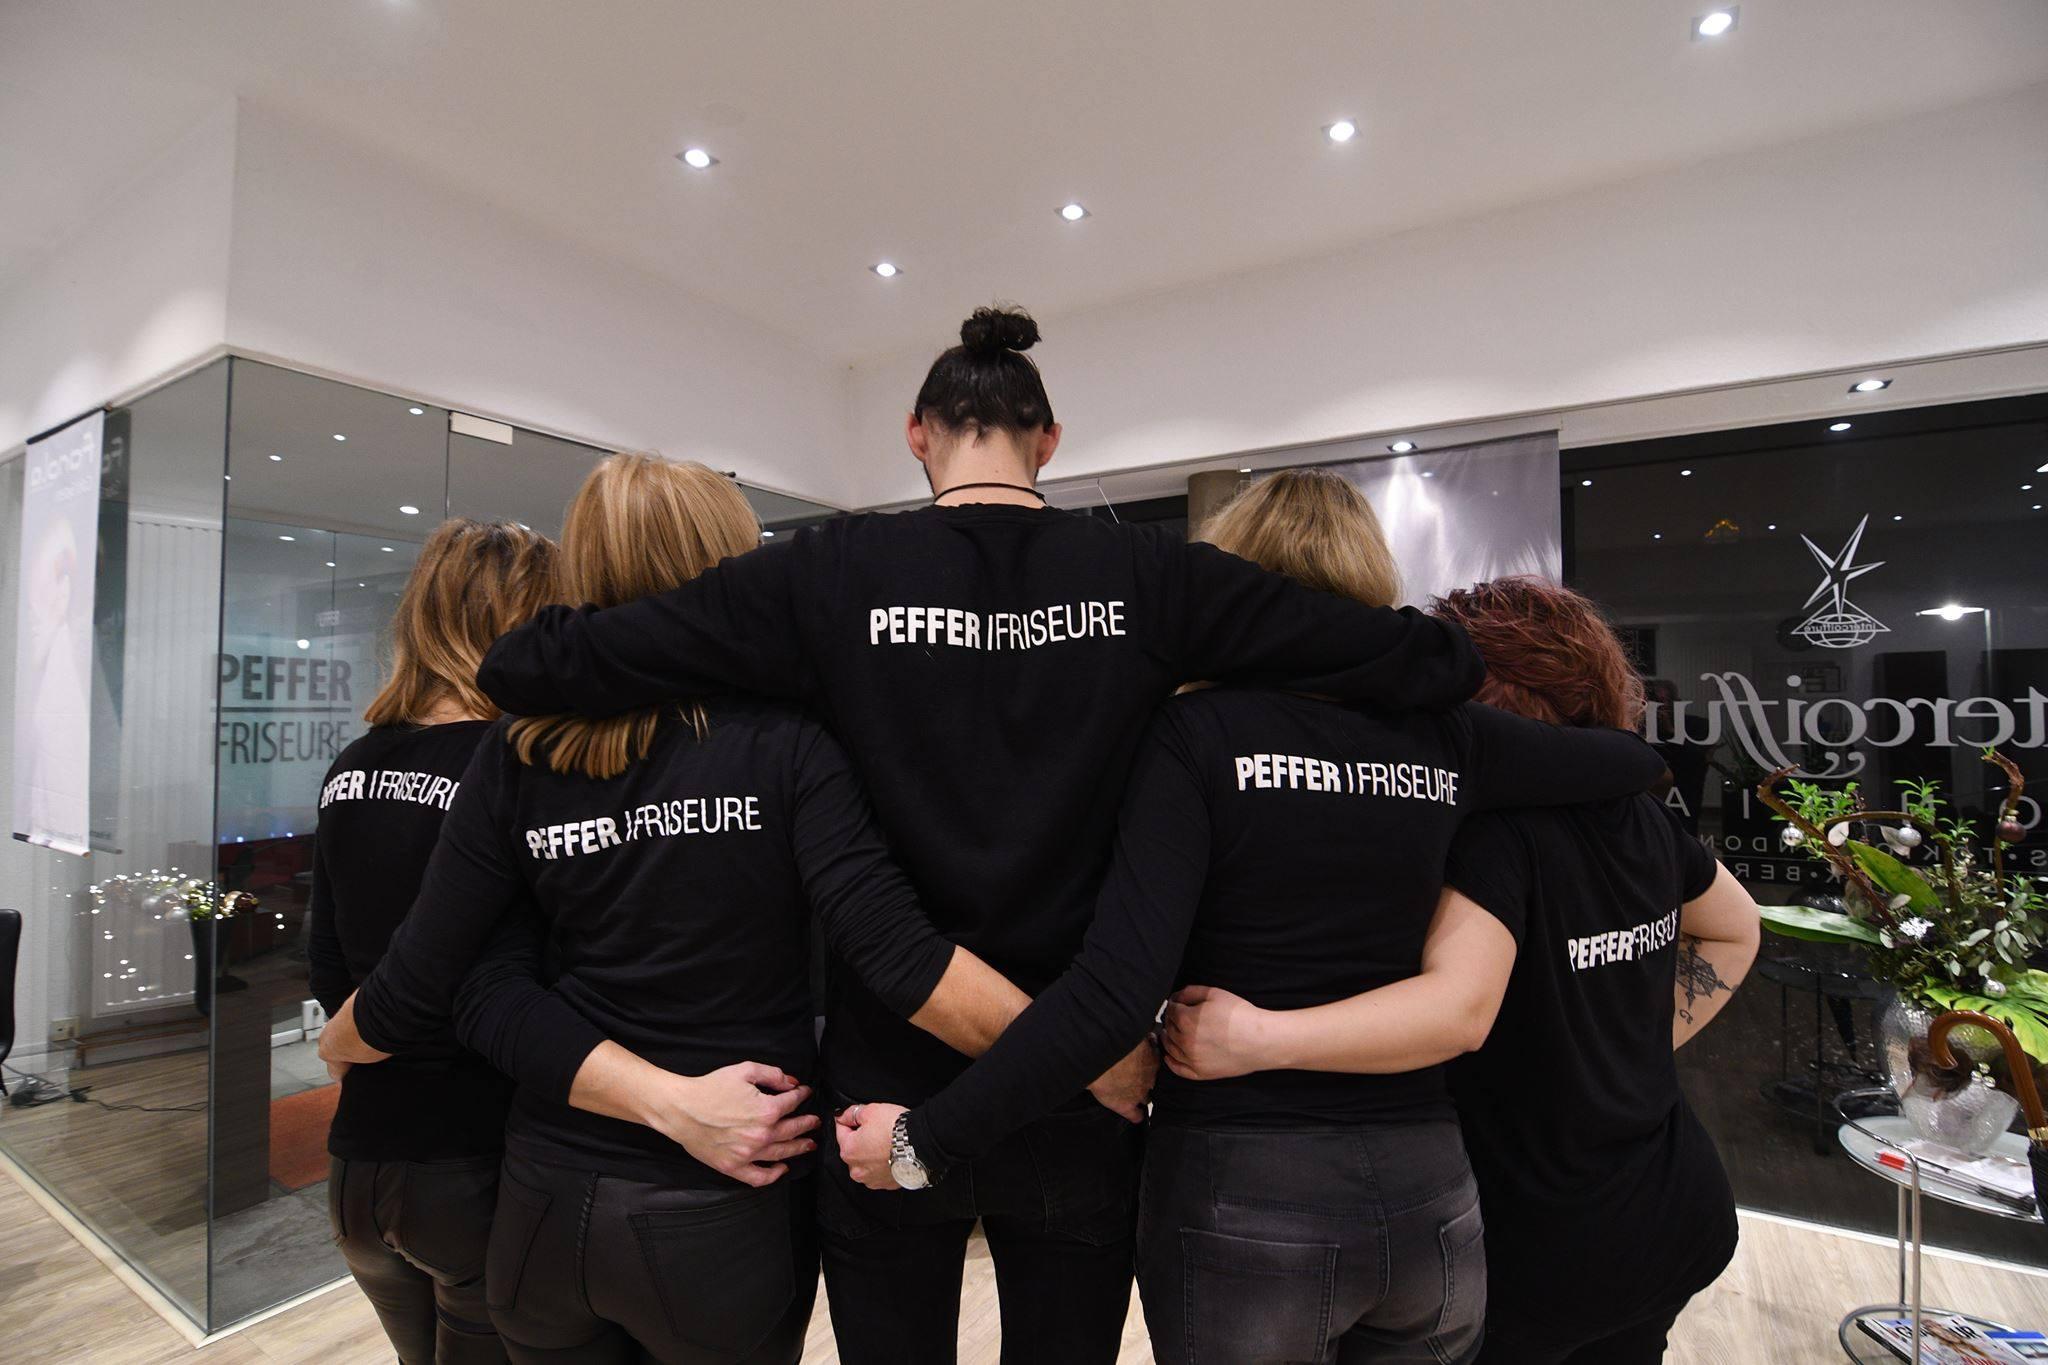 """""""Einer für alle - alle für einen"""" Es läuft bei den Peffer Boys & Girls in Solingen  https://www.facebook.com/Petra-Peffer-Friseure-146535155482571/ Vor kurzem erfolgte die Aufnahme in die Vereinigung der Intercoiffure, das Team wurde verstärkt, in Kürze startet das nächste Fotoshooting, die Website wird modifiziert, die Stimmung im Team ist phänomenal und alle sind hochmotiviert! Geht doch!"""